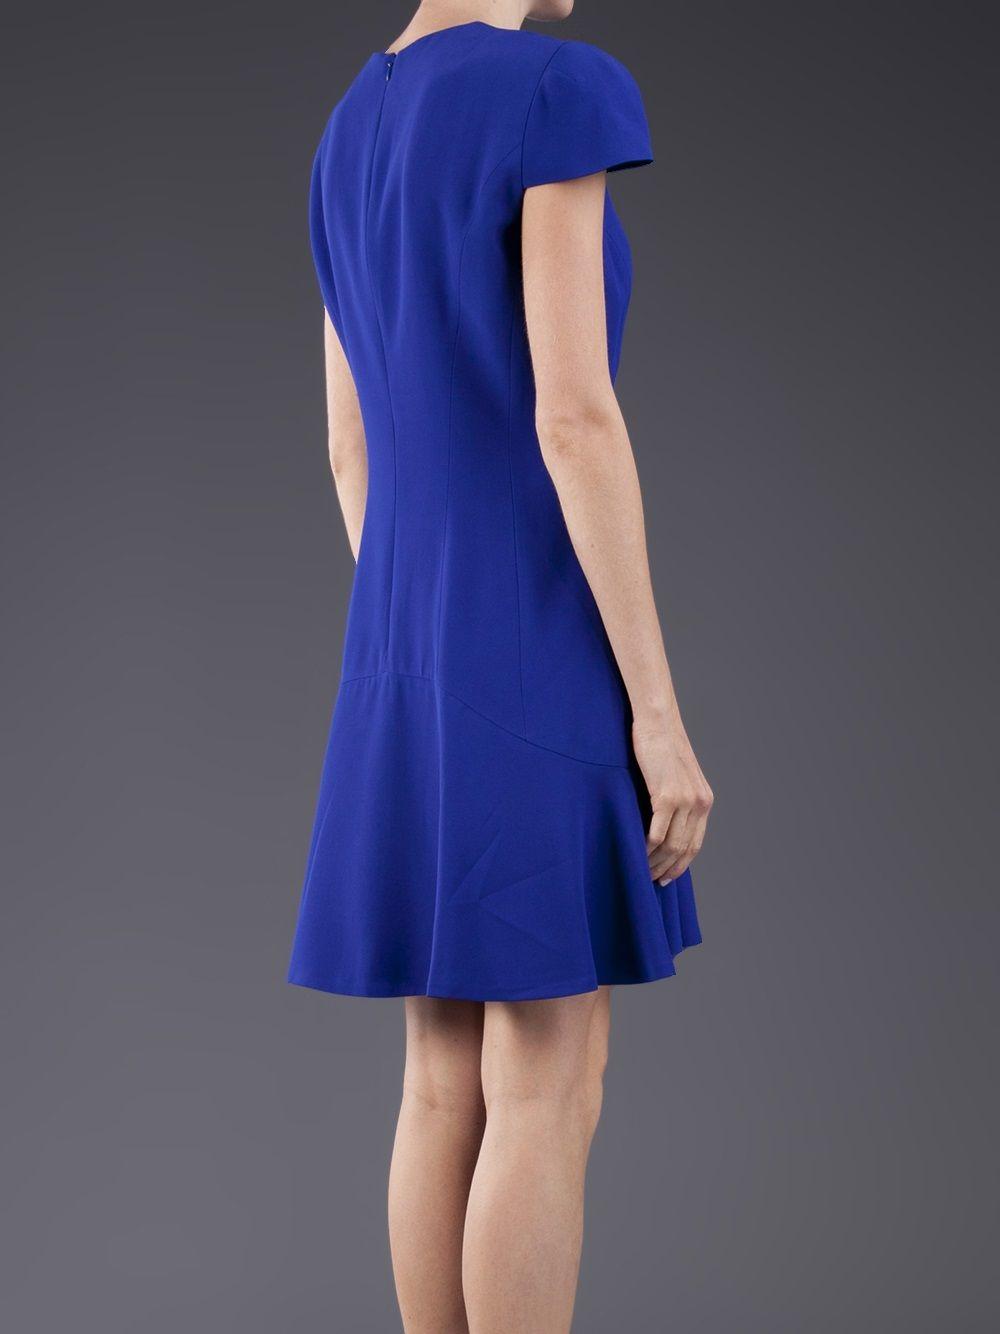 Alexander Mcqueen Cap Sleeve Dress - The Webster - Farfetch.com